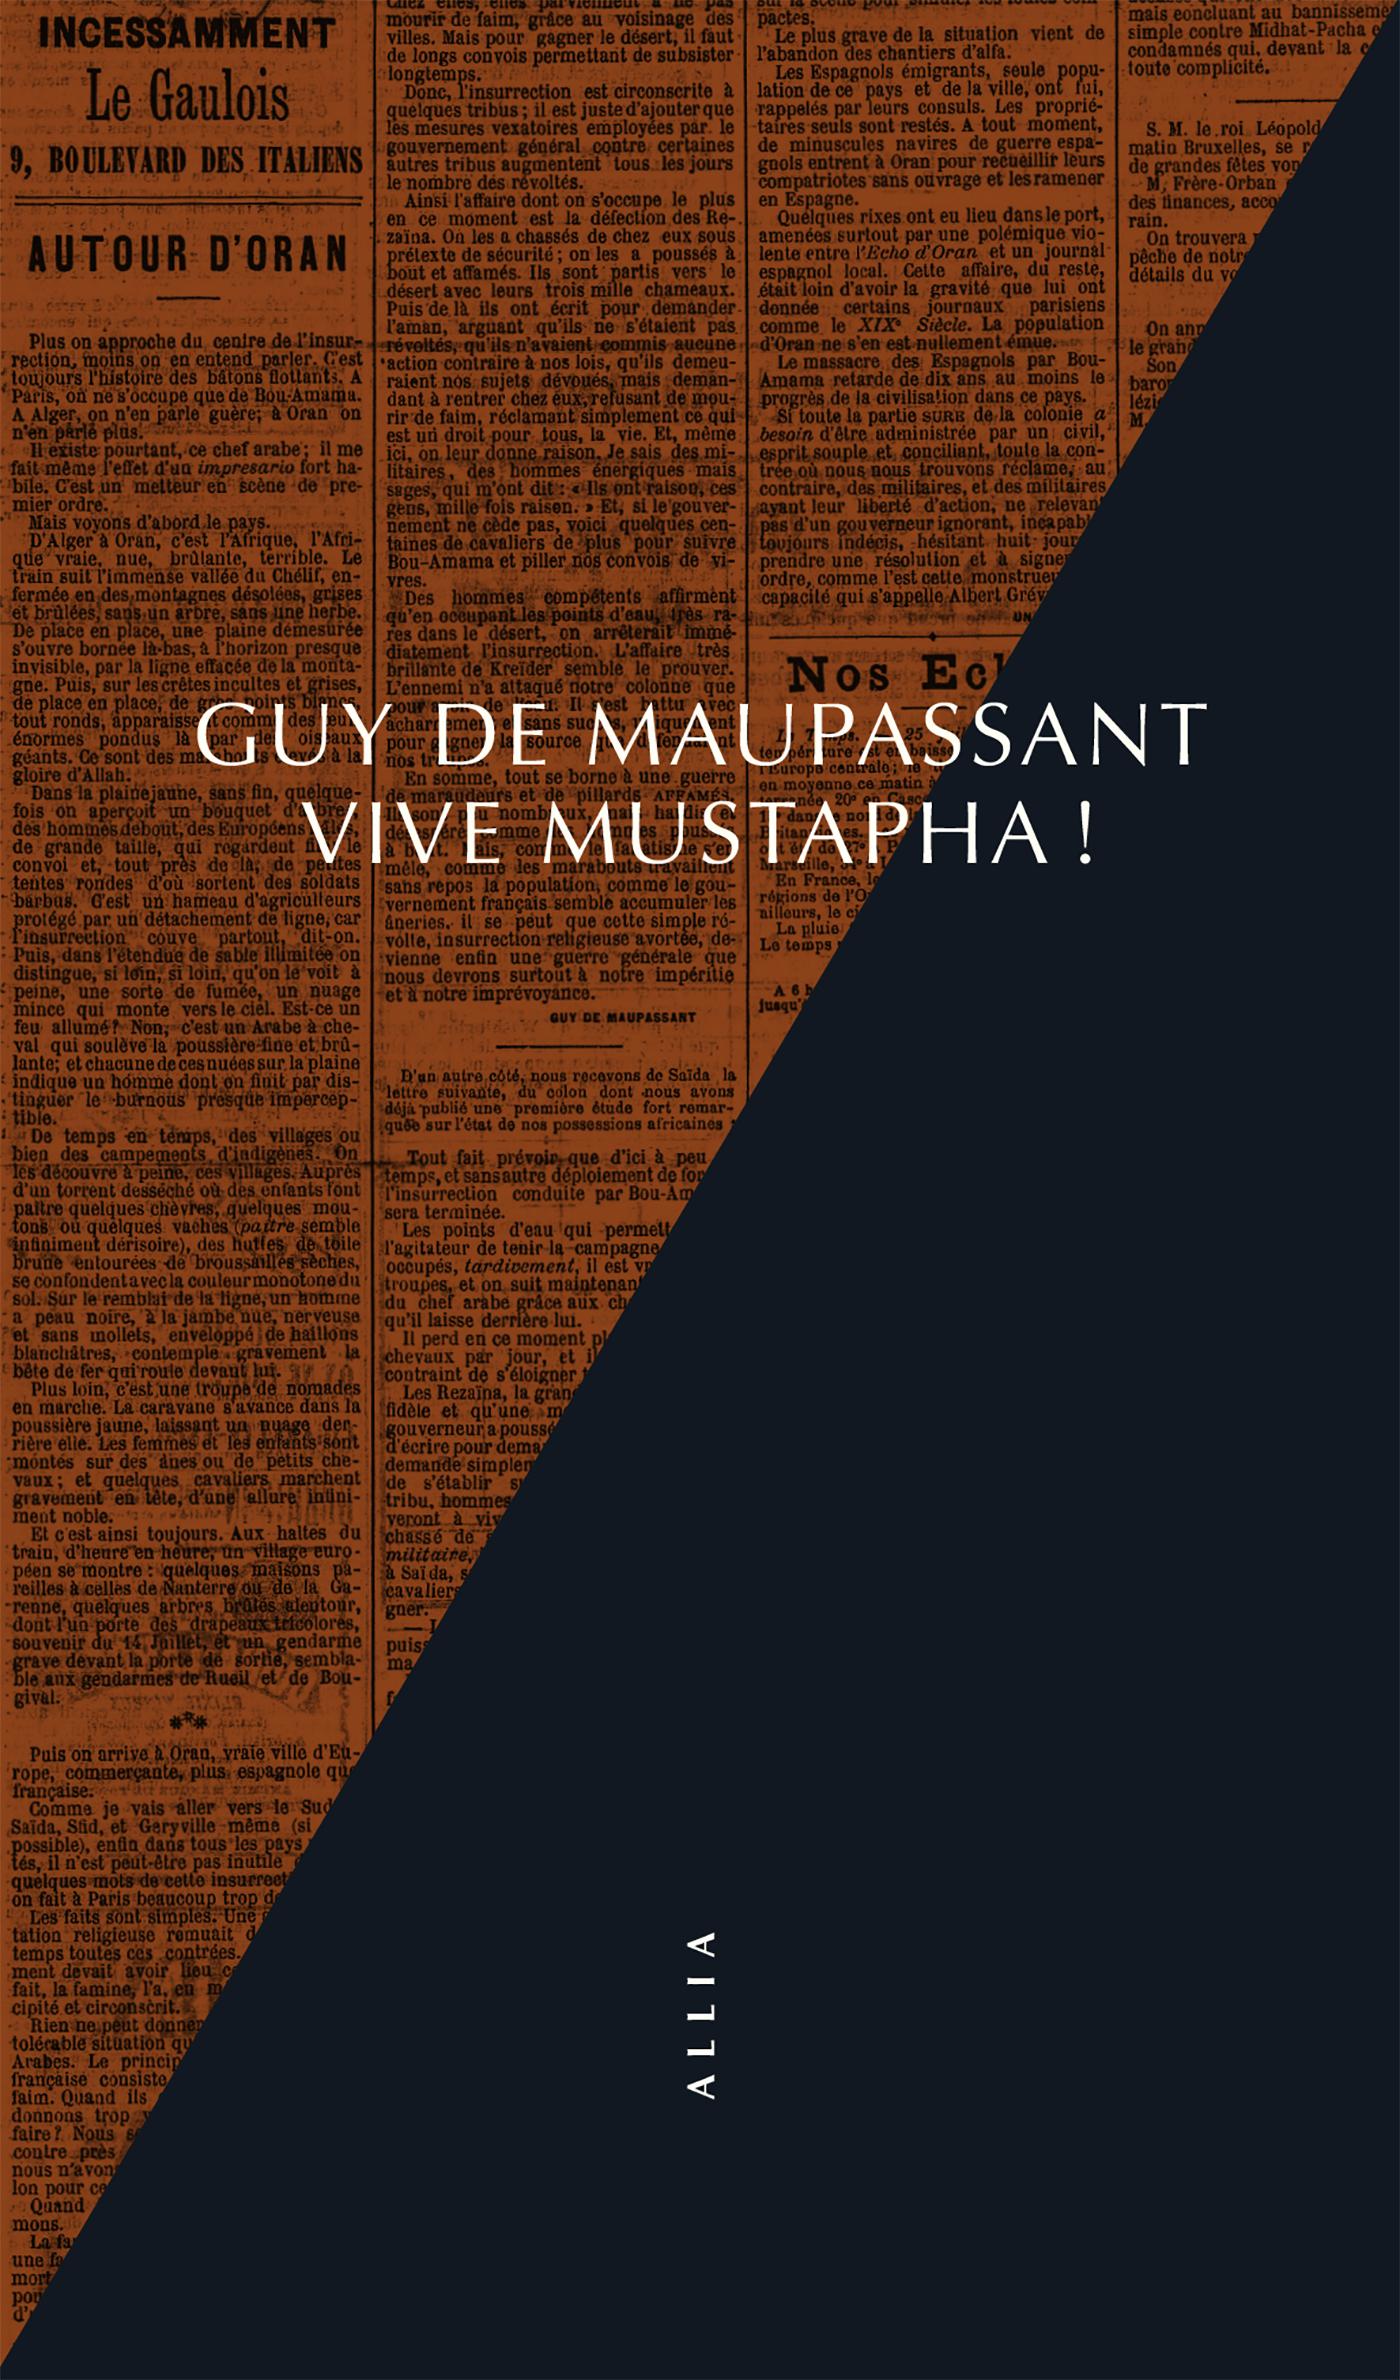 G. de Maupassant, Vive Mustapha !